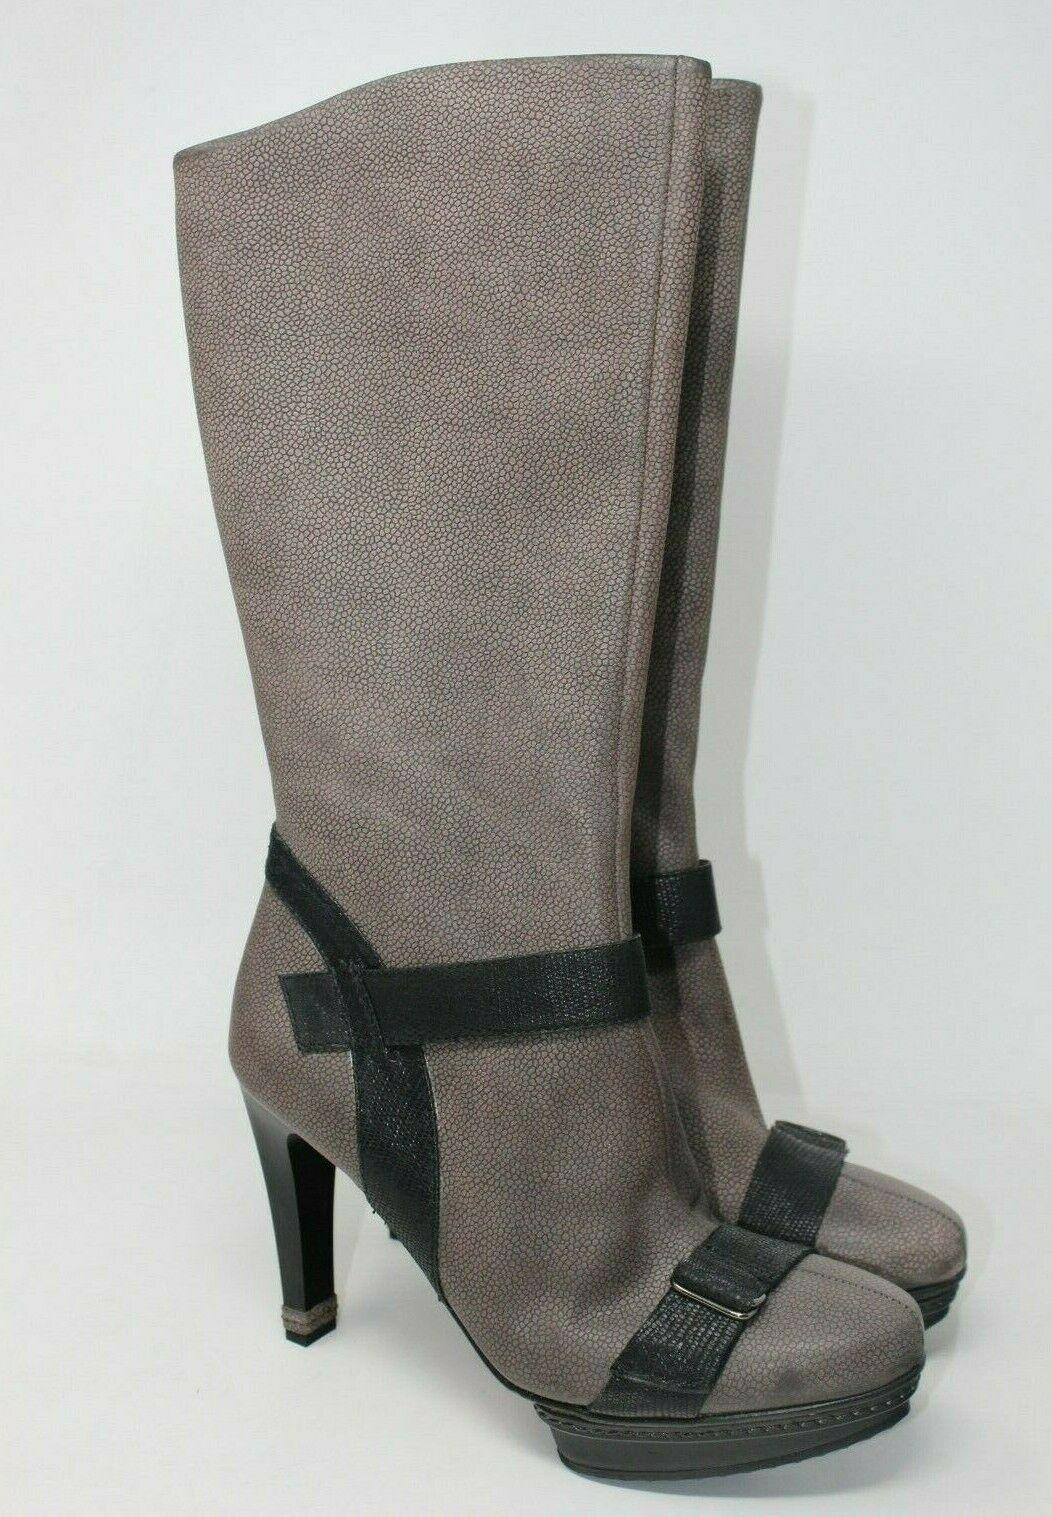 Bcbgmaxazria Pebble Leder Hoch Plateau Stiefel in Grau Schwarz Größe Größe Größe  11 Us  2  | Hat einen langen Ruf  50c8f6